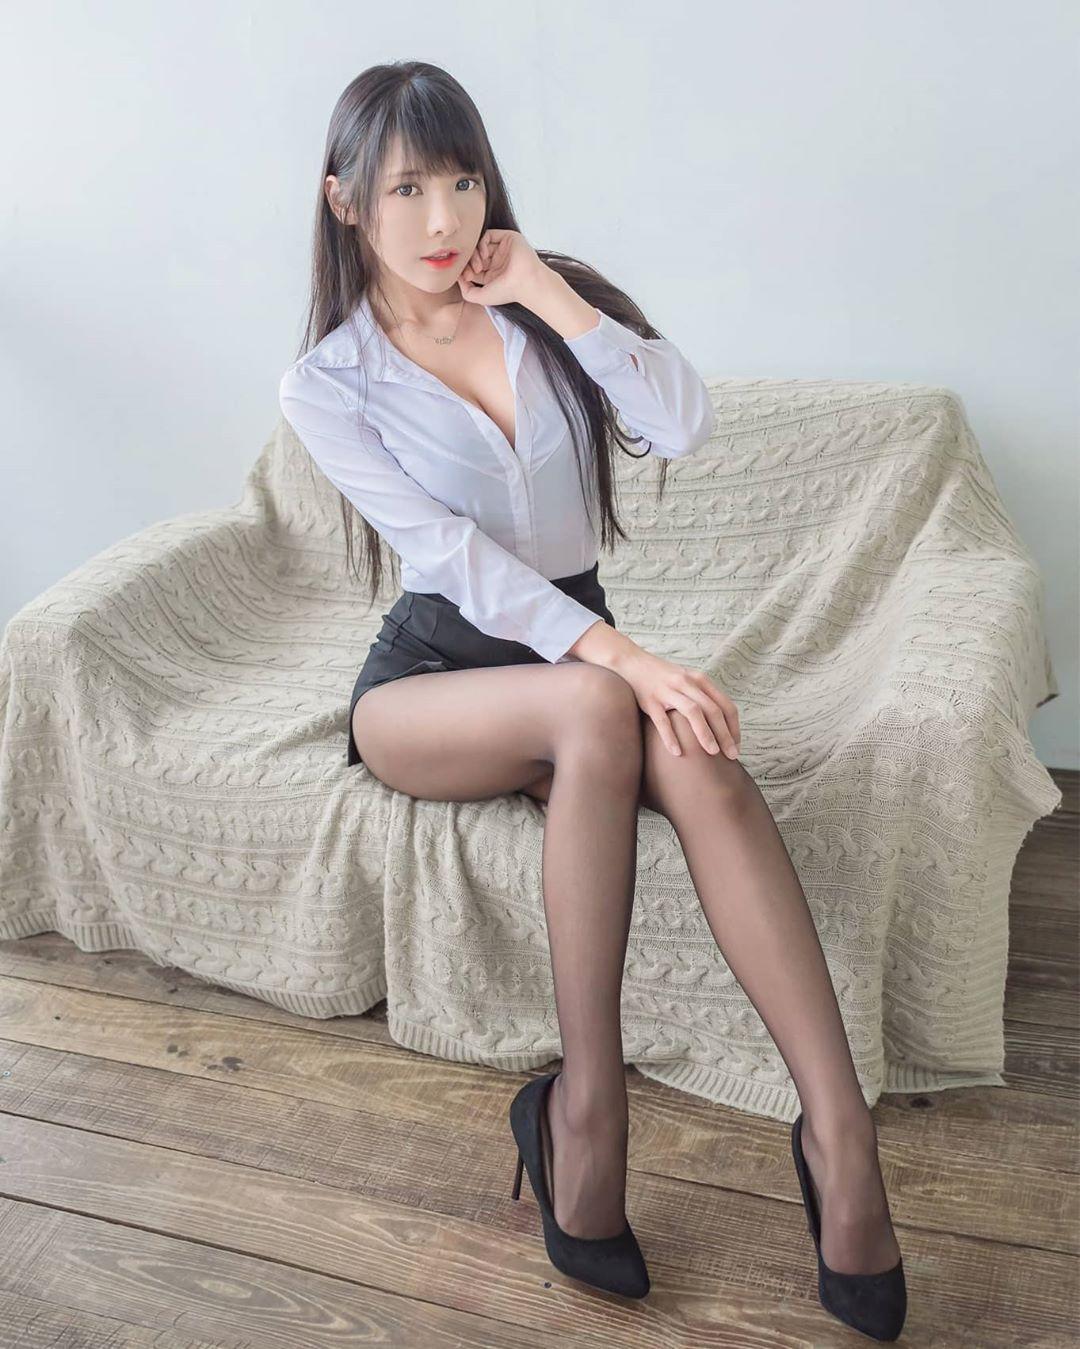 依霜ゆい  高顏值搭配性感美腿  網:這誰受得了 - 美女圖 -